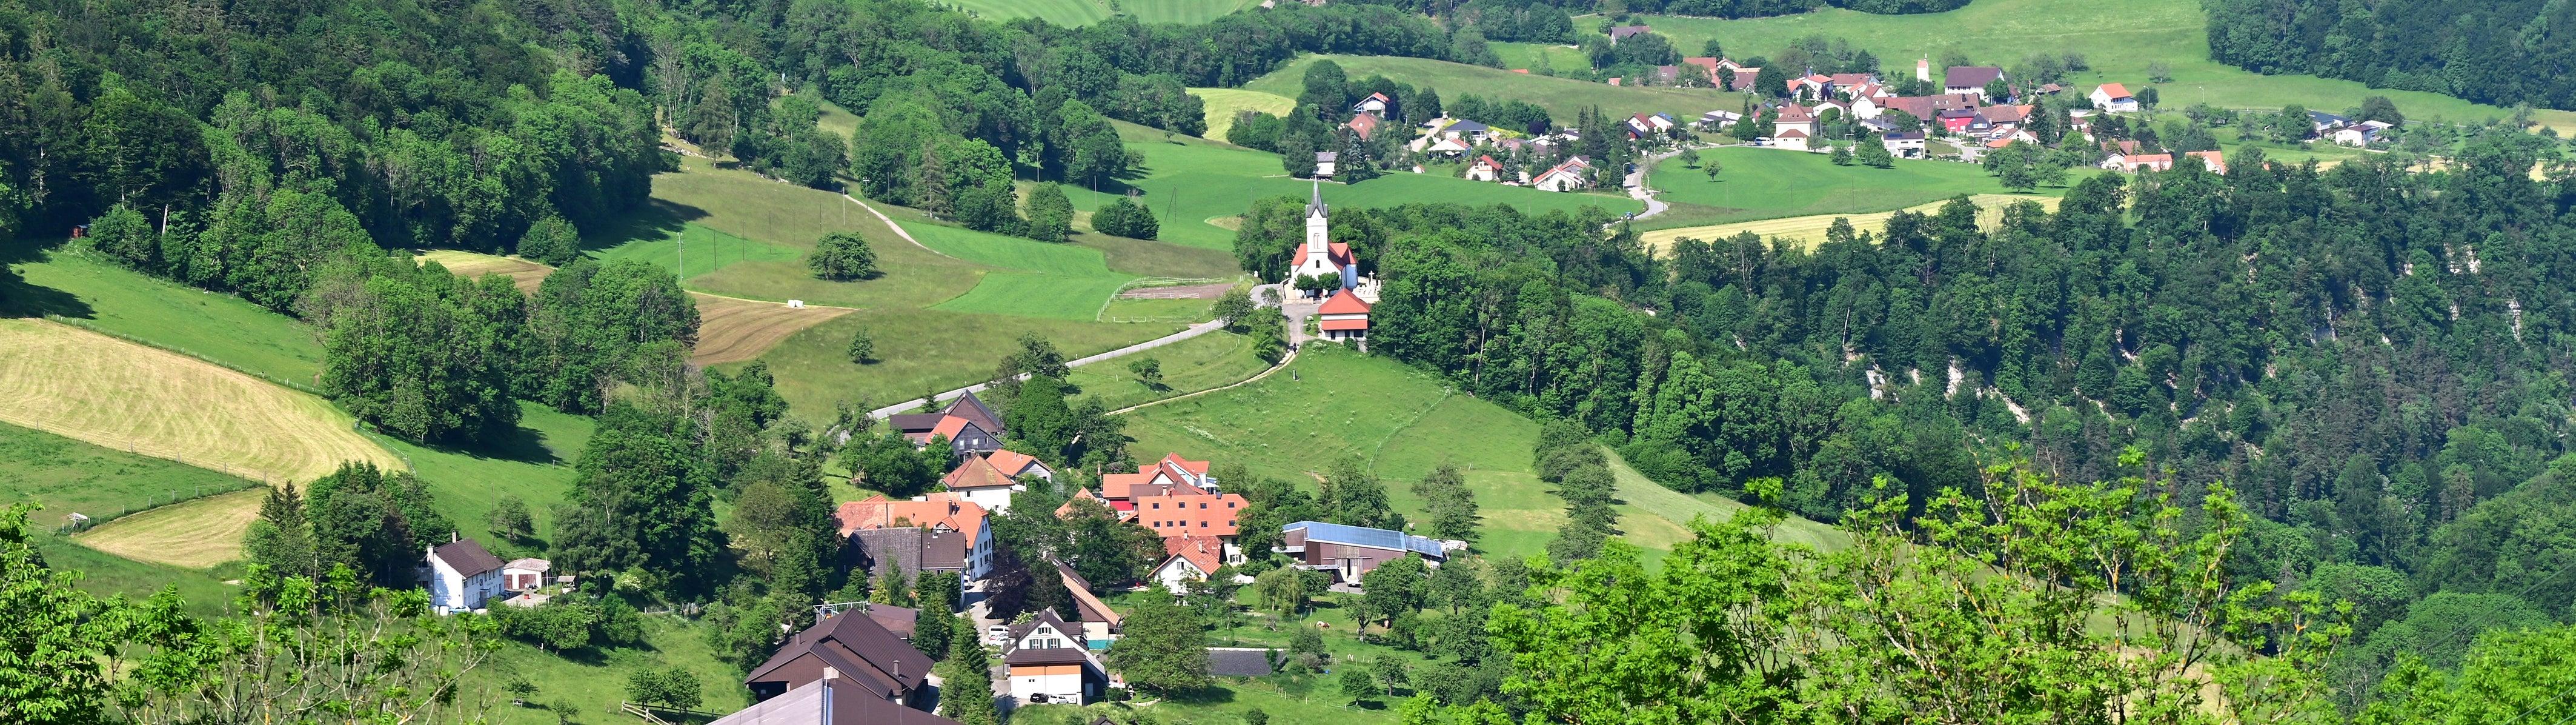 Hauenstein-Ifenthal